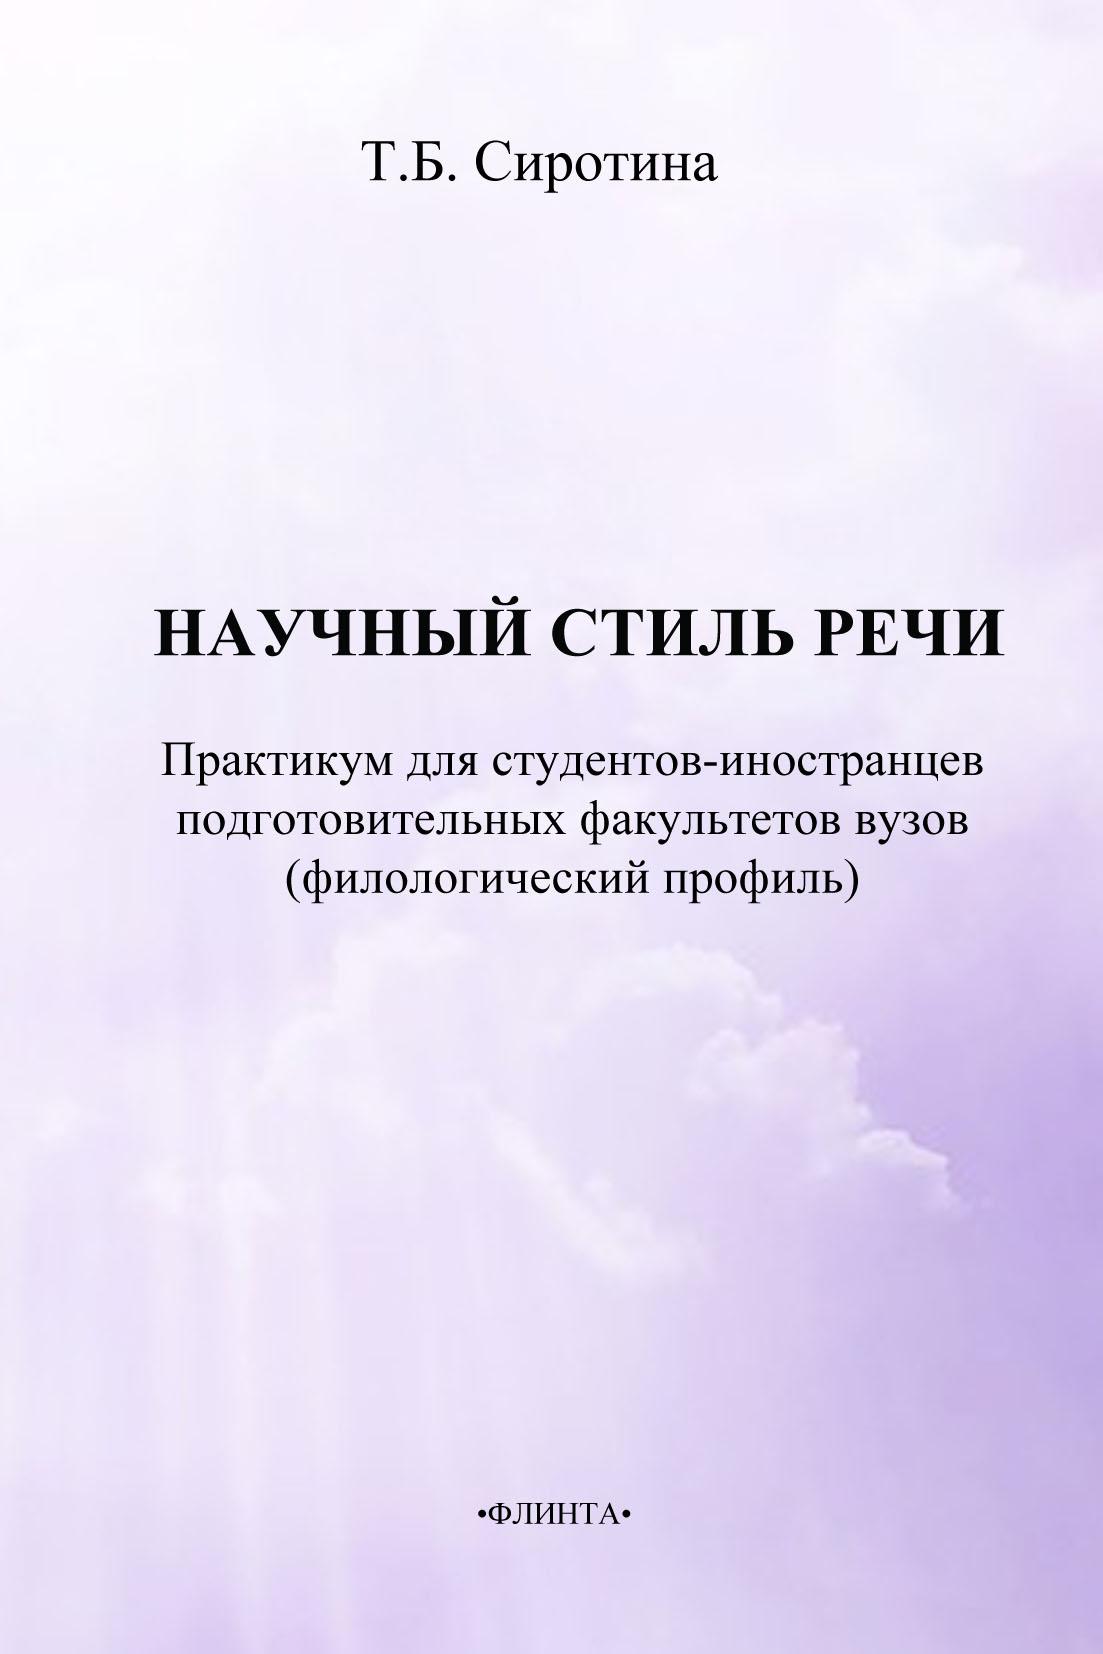 Т. Б. Сиротина Научный стиль речи. Русский язык как иностранный. Практикум для студентов-иностранцев подготовительных факультетов вузов (филологический профиль)